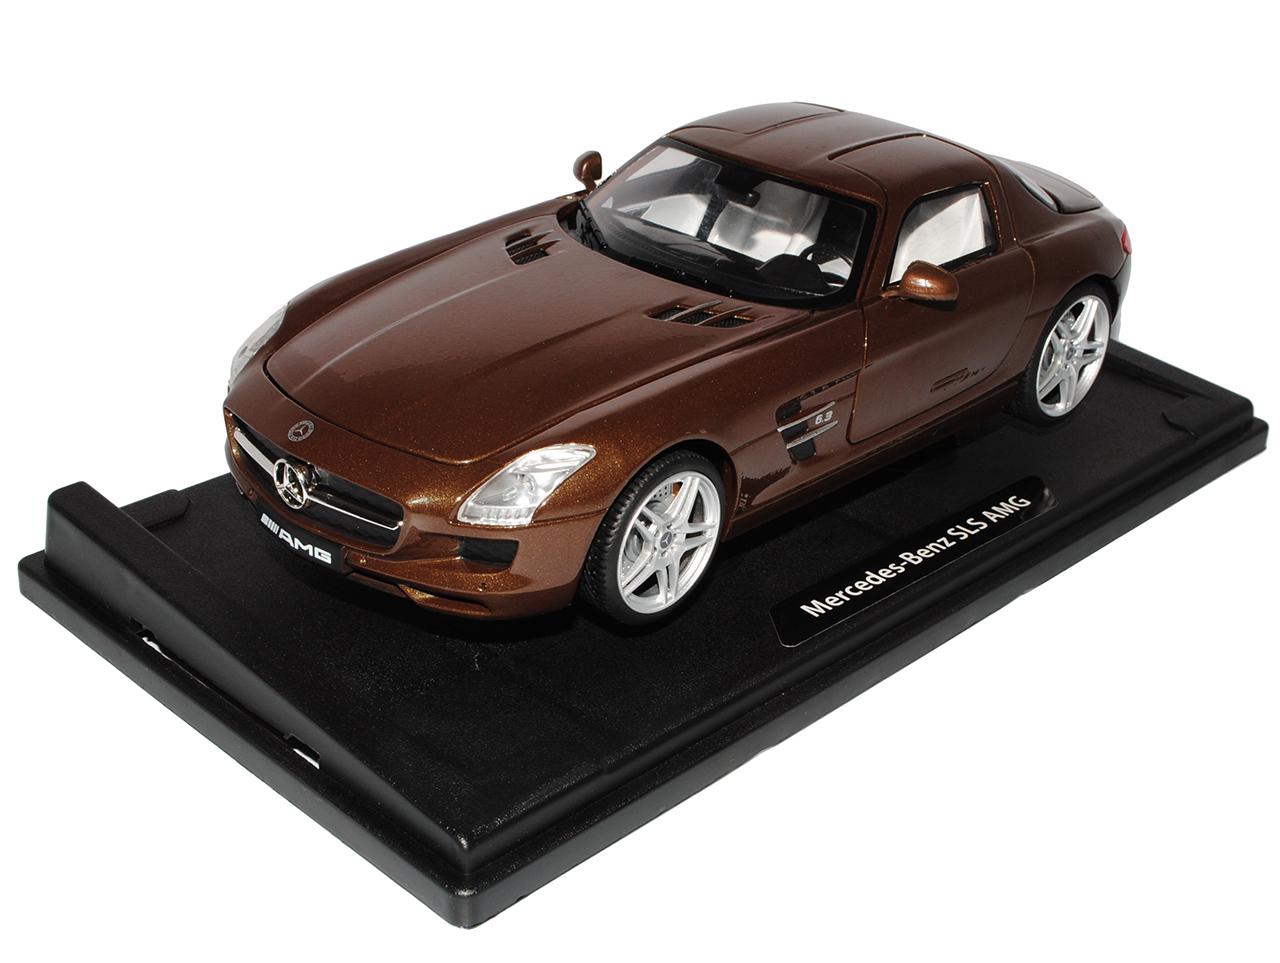 Mercedes-Benz SLS AMG Gullwing Coupe marrón C197 C197 C197 A. modelo de Motormax 1 18 de 2009. 3ec873